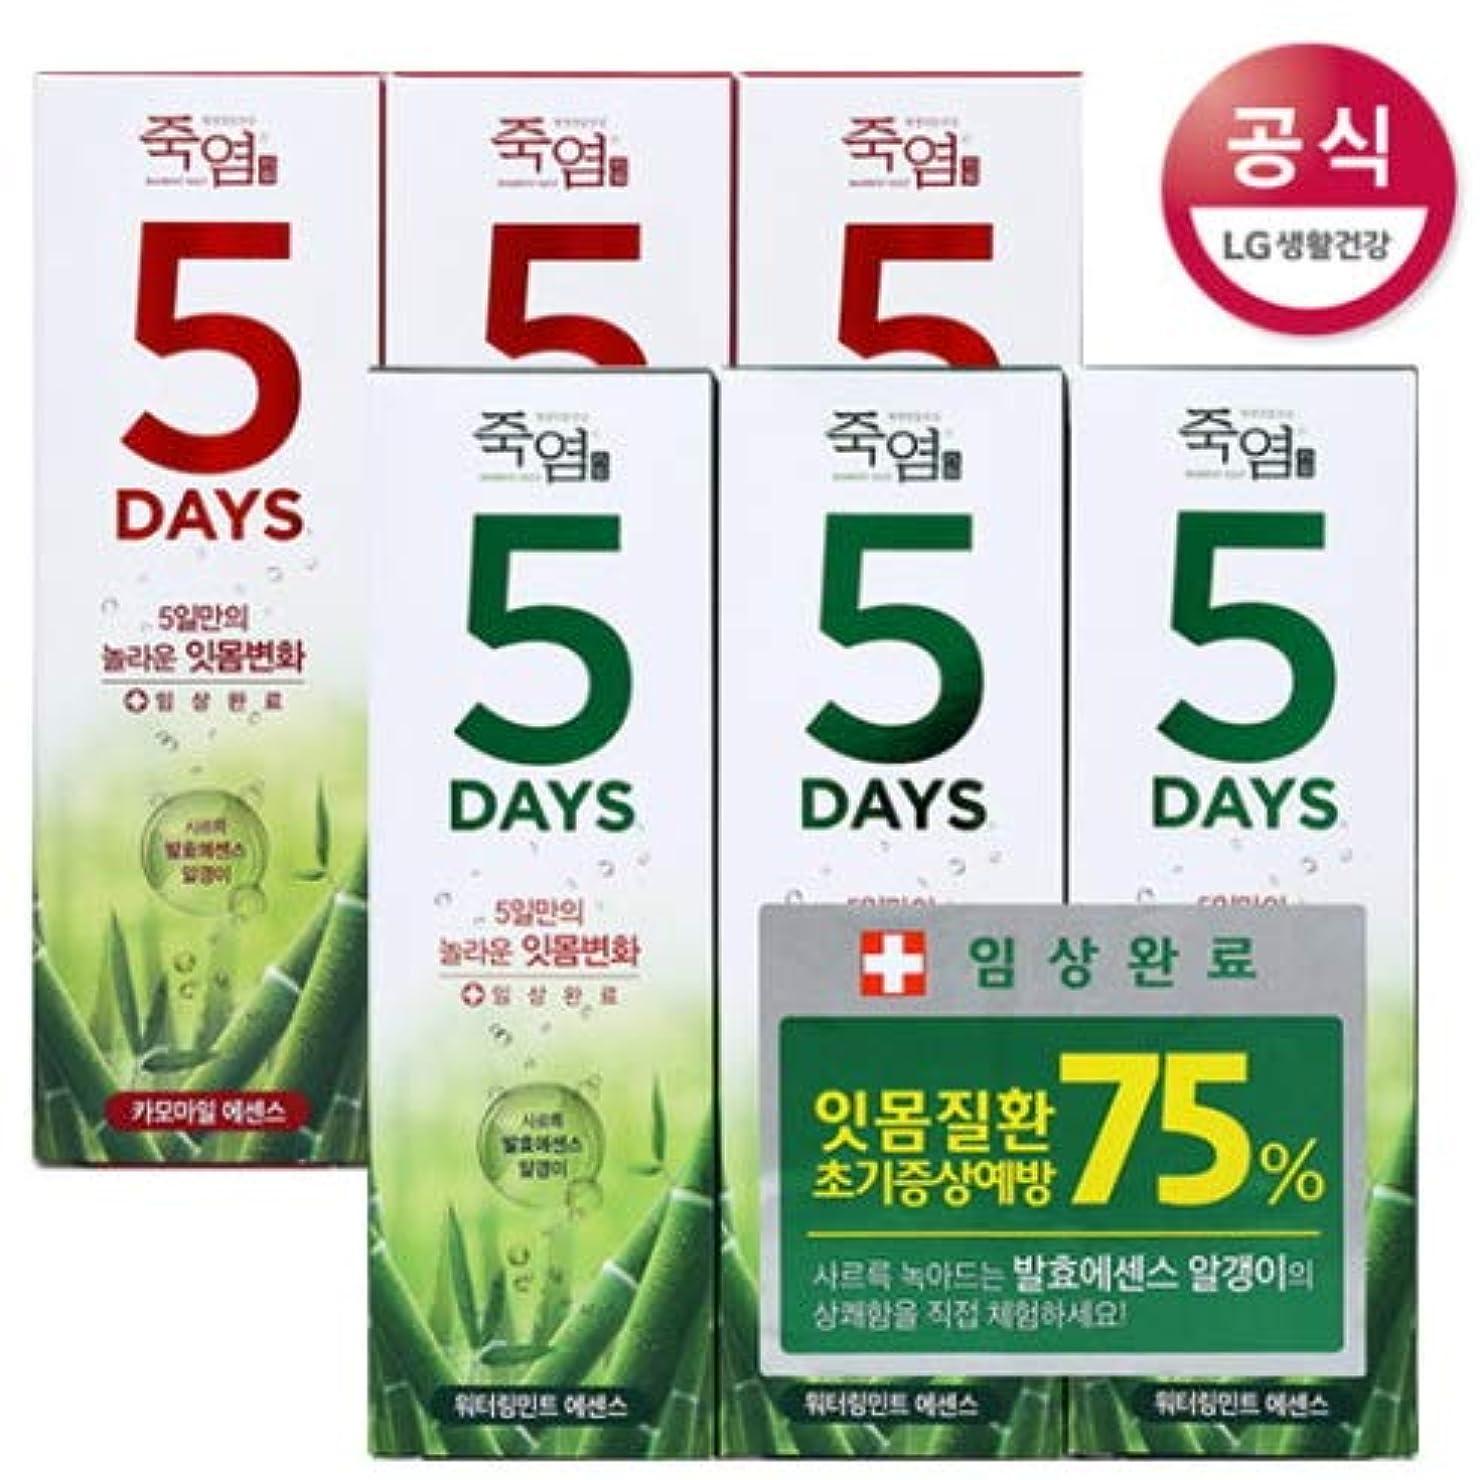 シルク義務的ペネロペ[LG HnB] Bamboo Salt 5days Toothpaste /竹塩5days歯磨き粉 100gx6個(海外直送品)